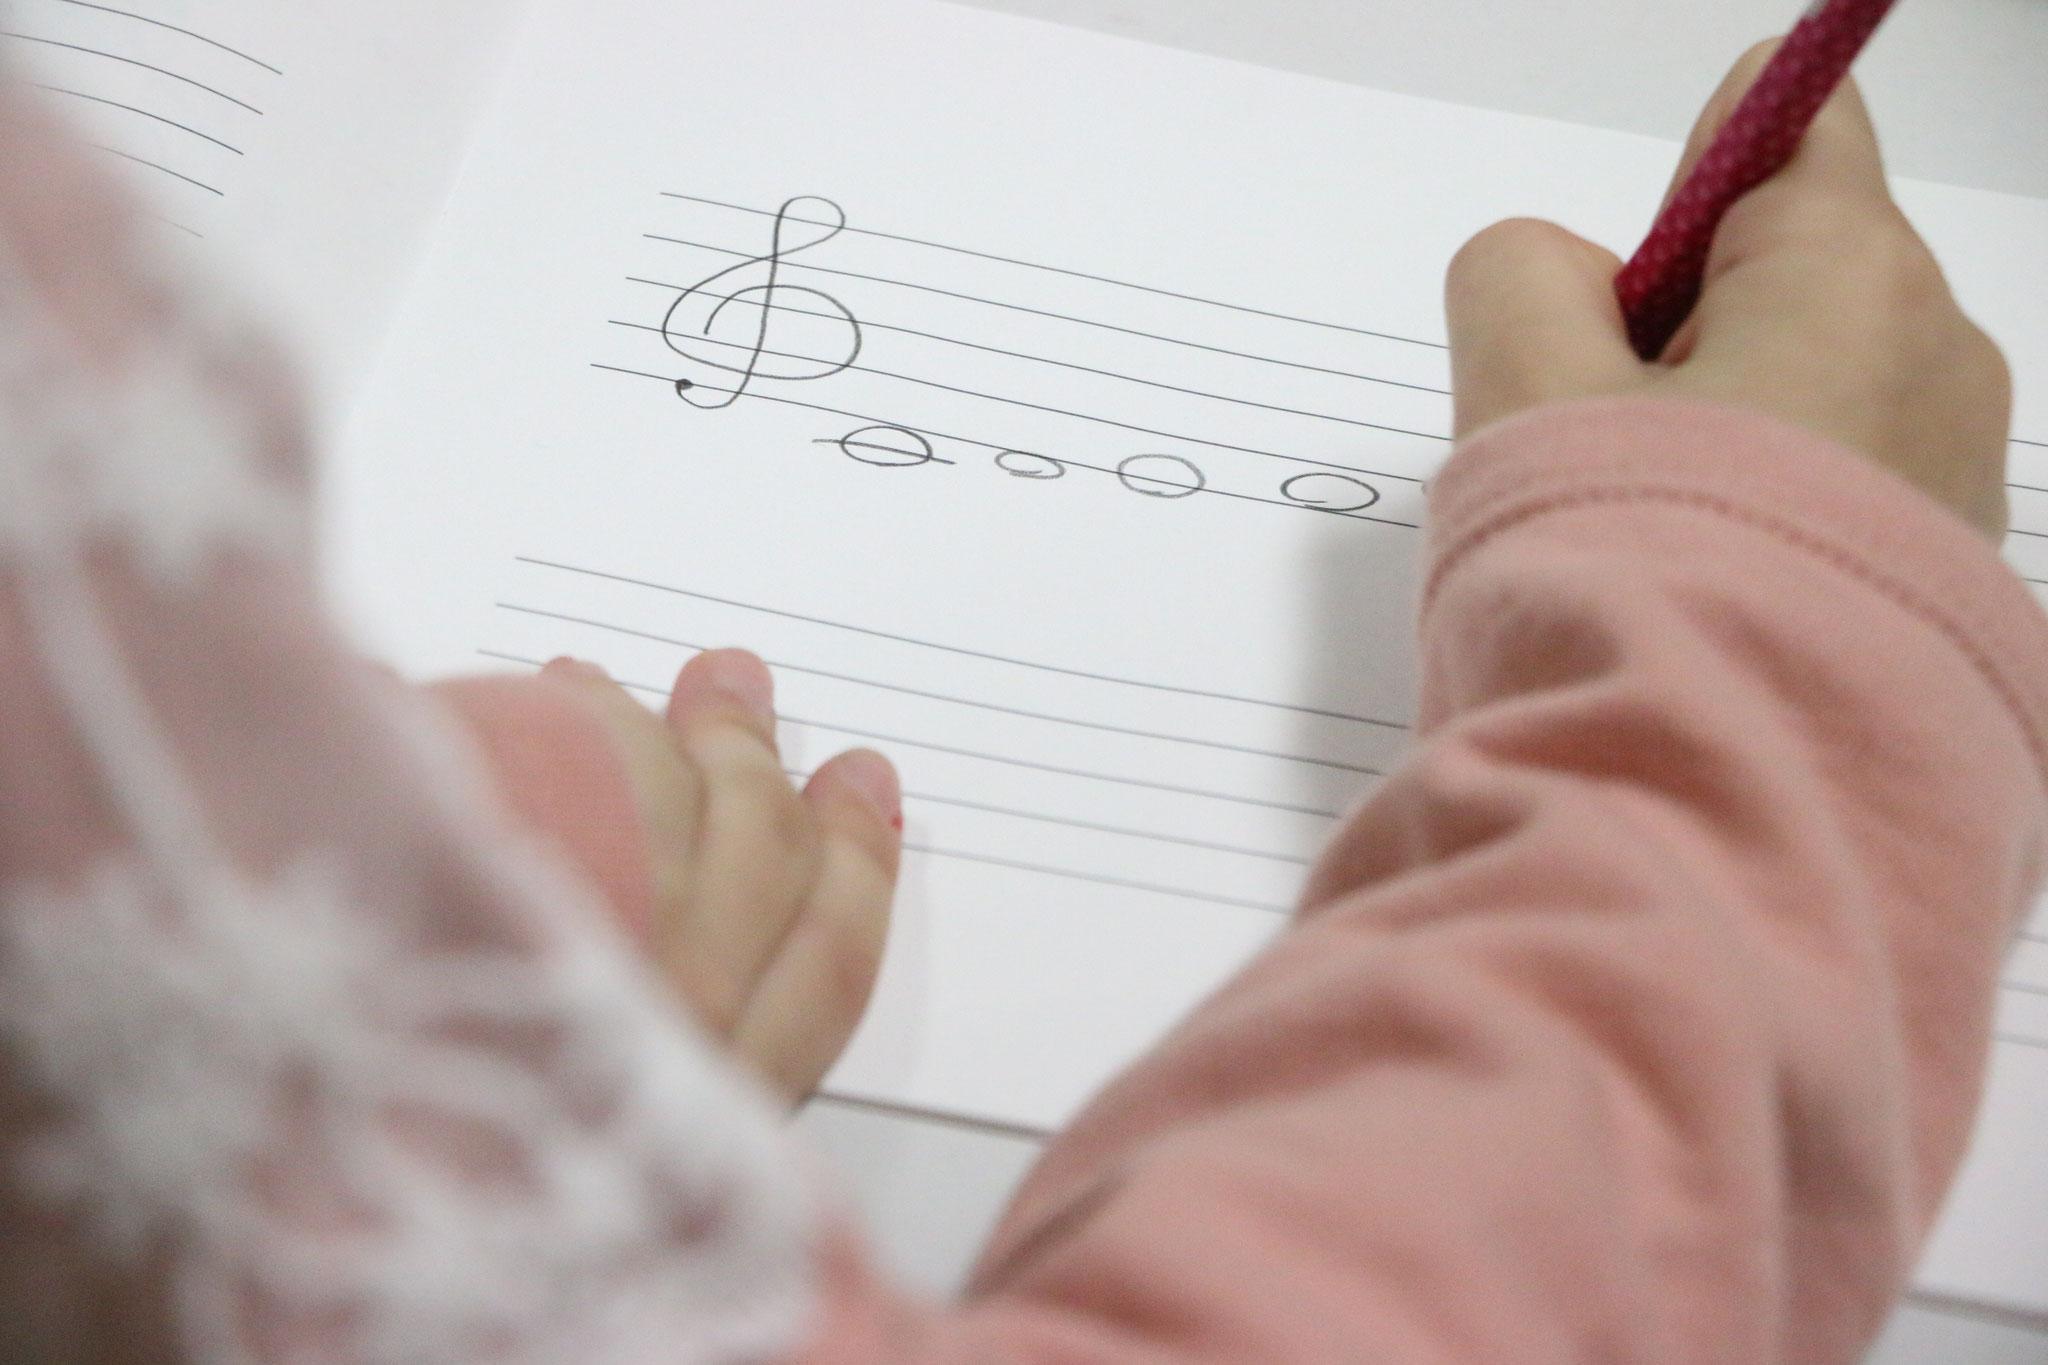 音楽の知識を身につける座学の時間もあります